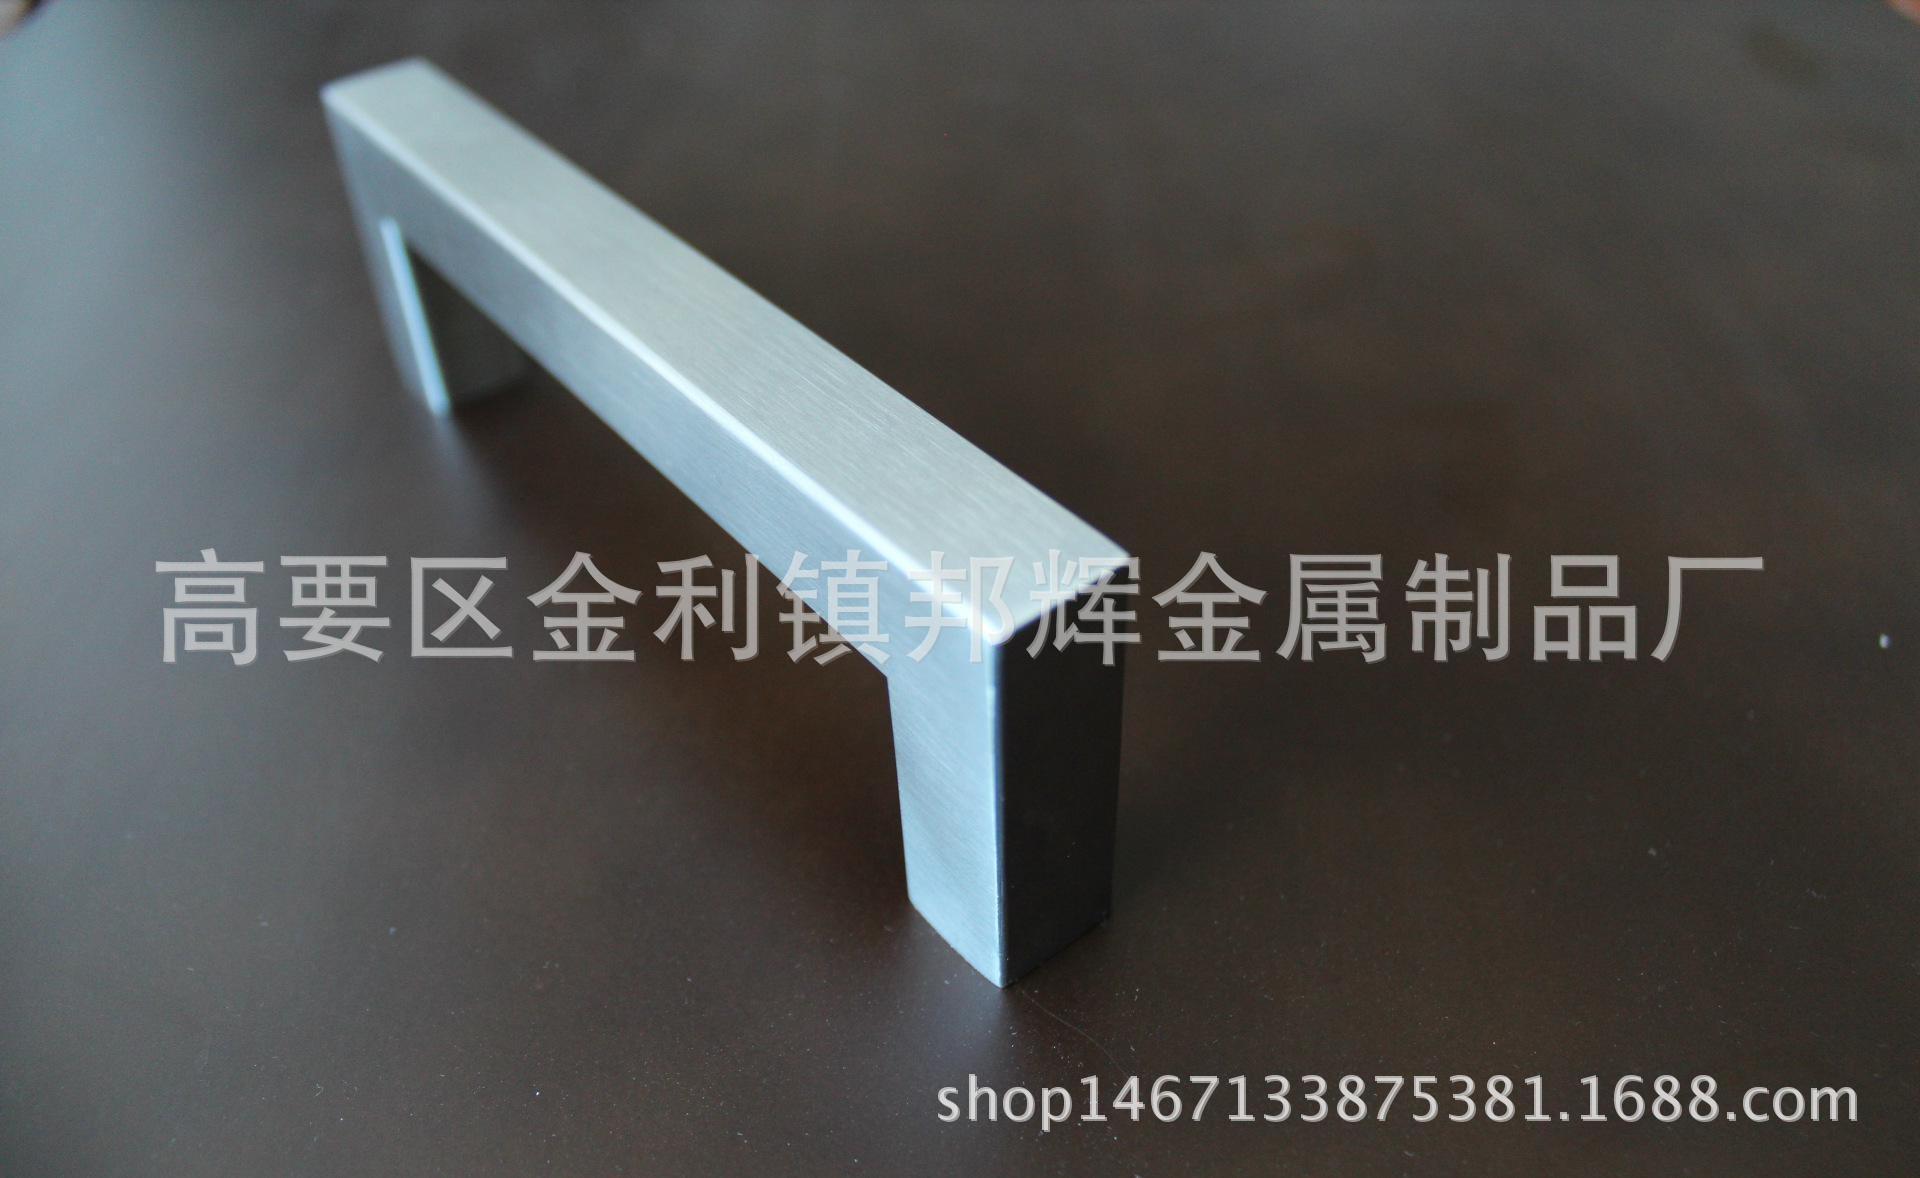 抽屉拉手现代简约304不锈钢